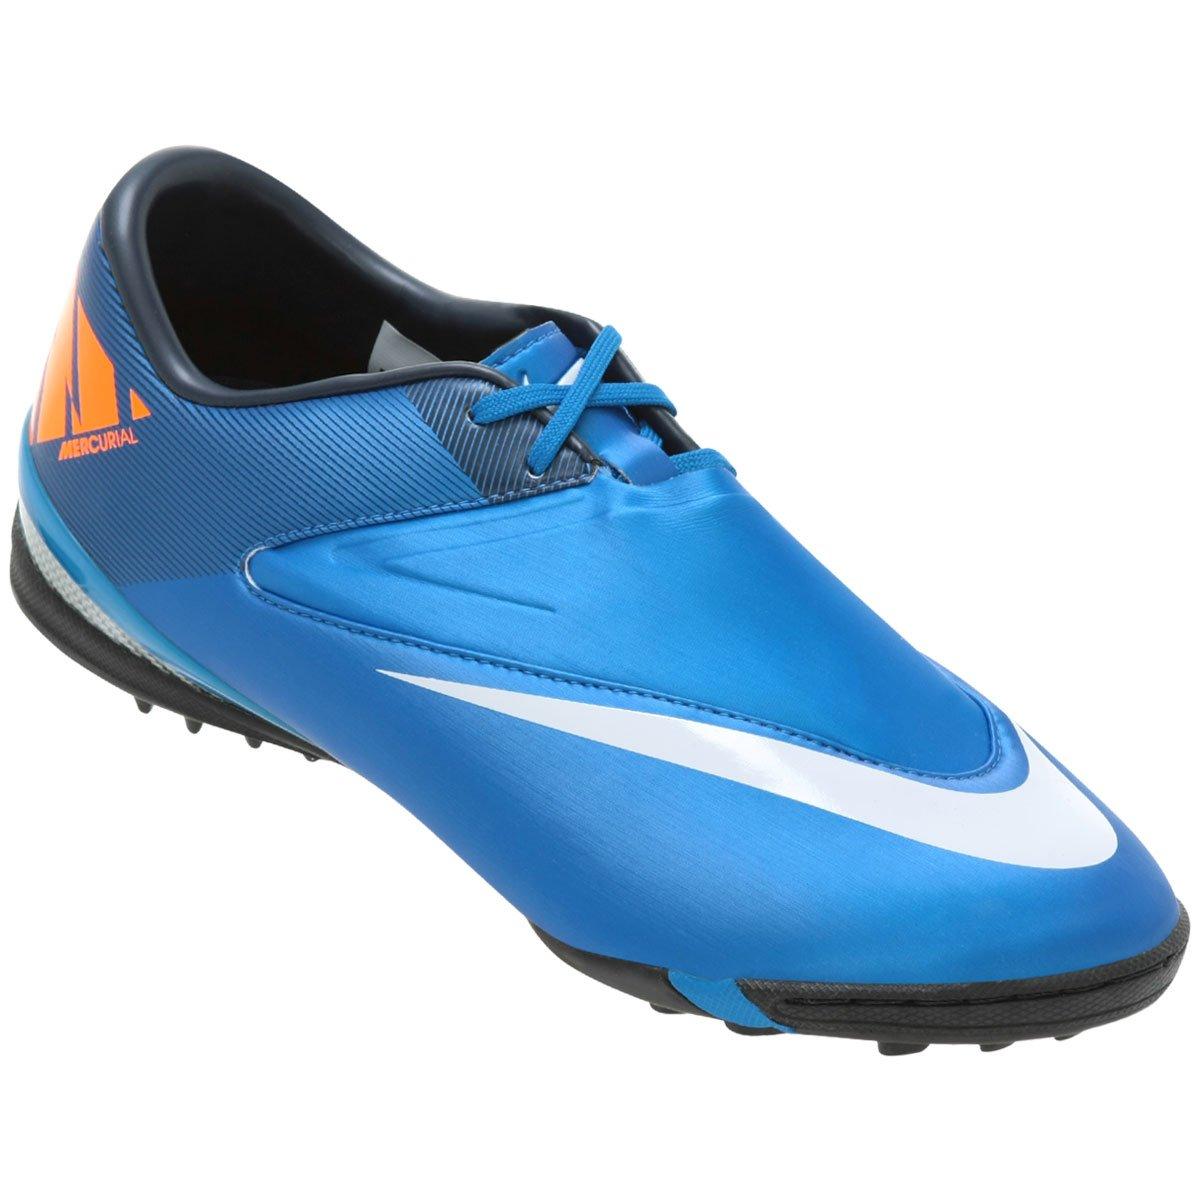 Chuteira Nike Mercurial Glide 2 TF - Compre Agora  f1fd0c9c7d1e1